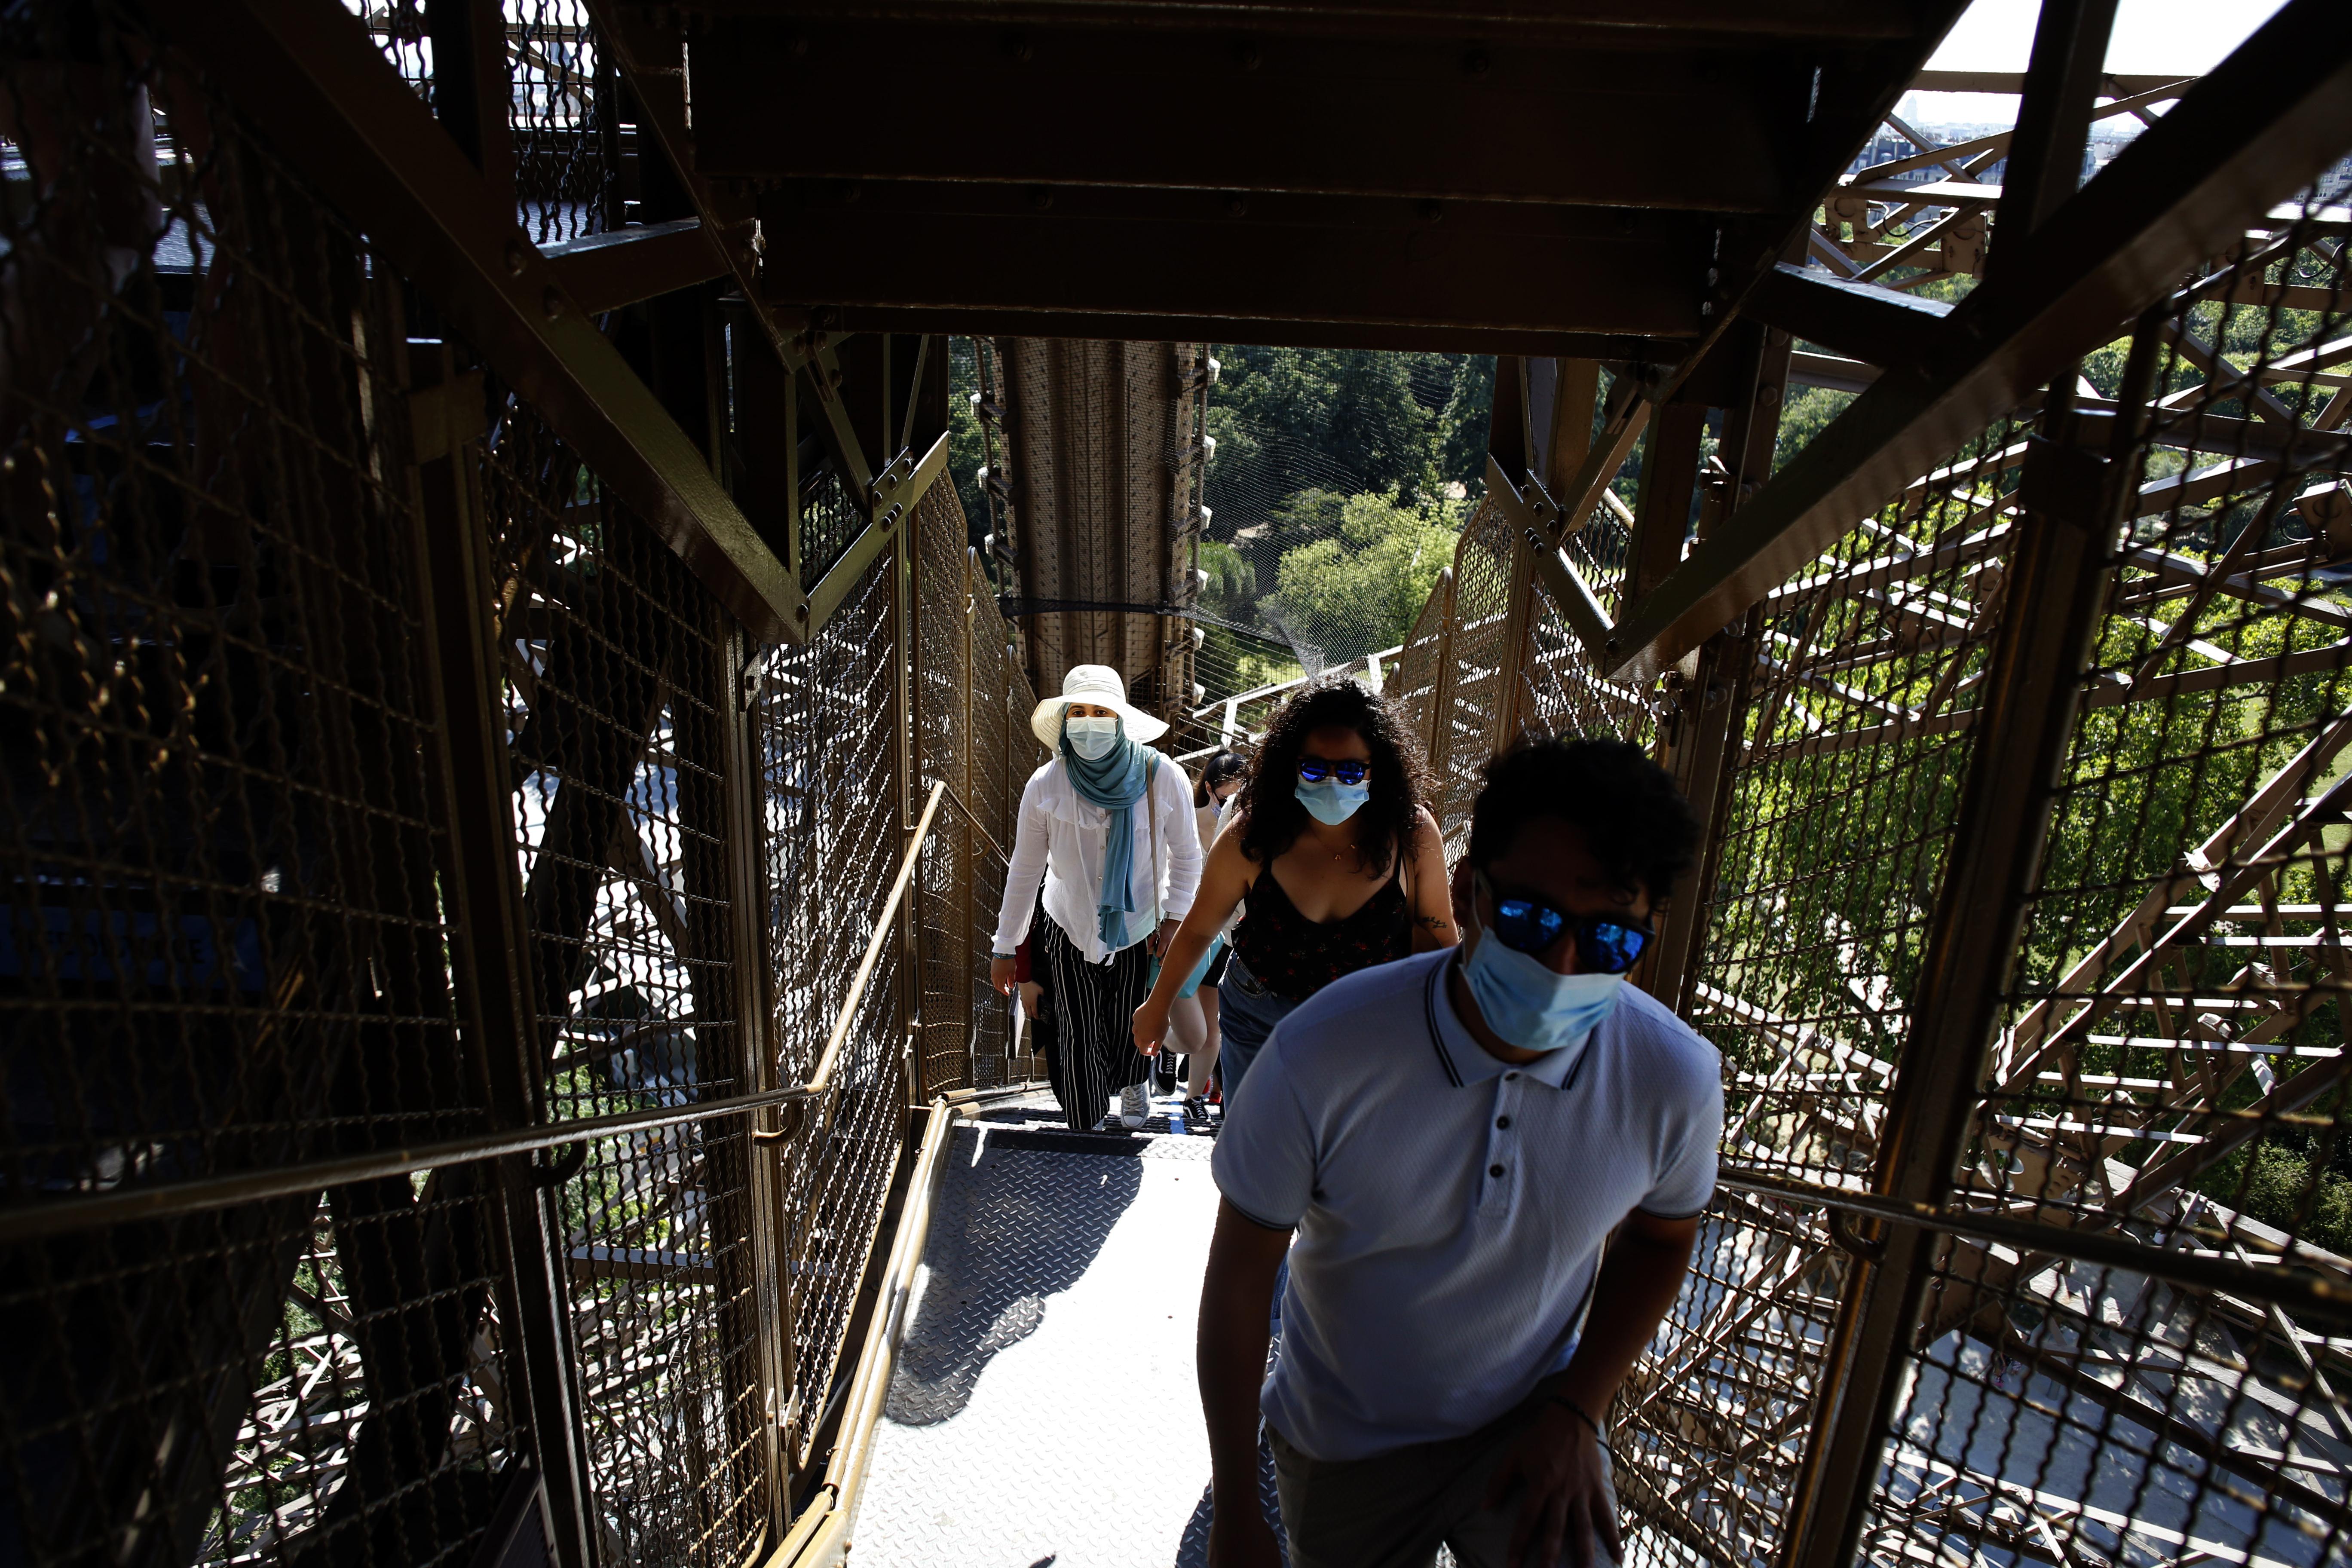 Personas subiendo las escalaras de la Torre. La Torre Eiffel es el monumento más famoso de París visitado anualmente por siete millones de personas, (AP /Thibault Camus)